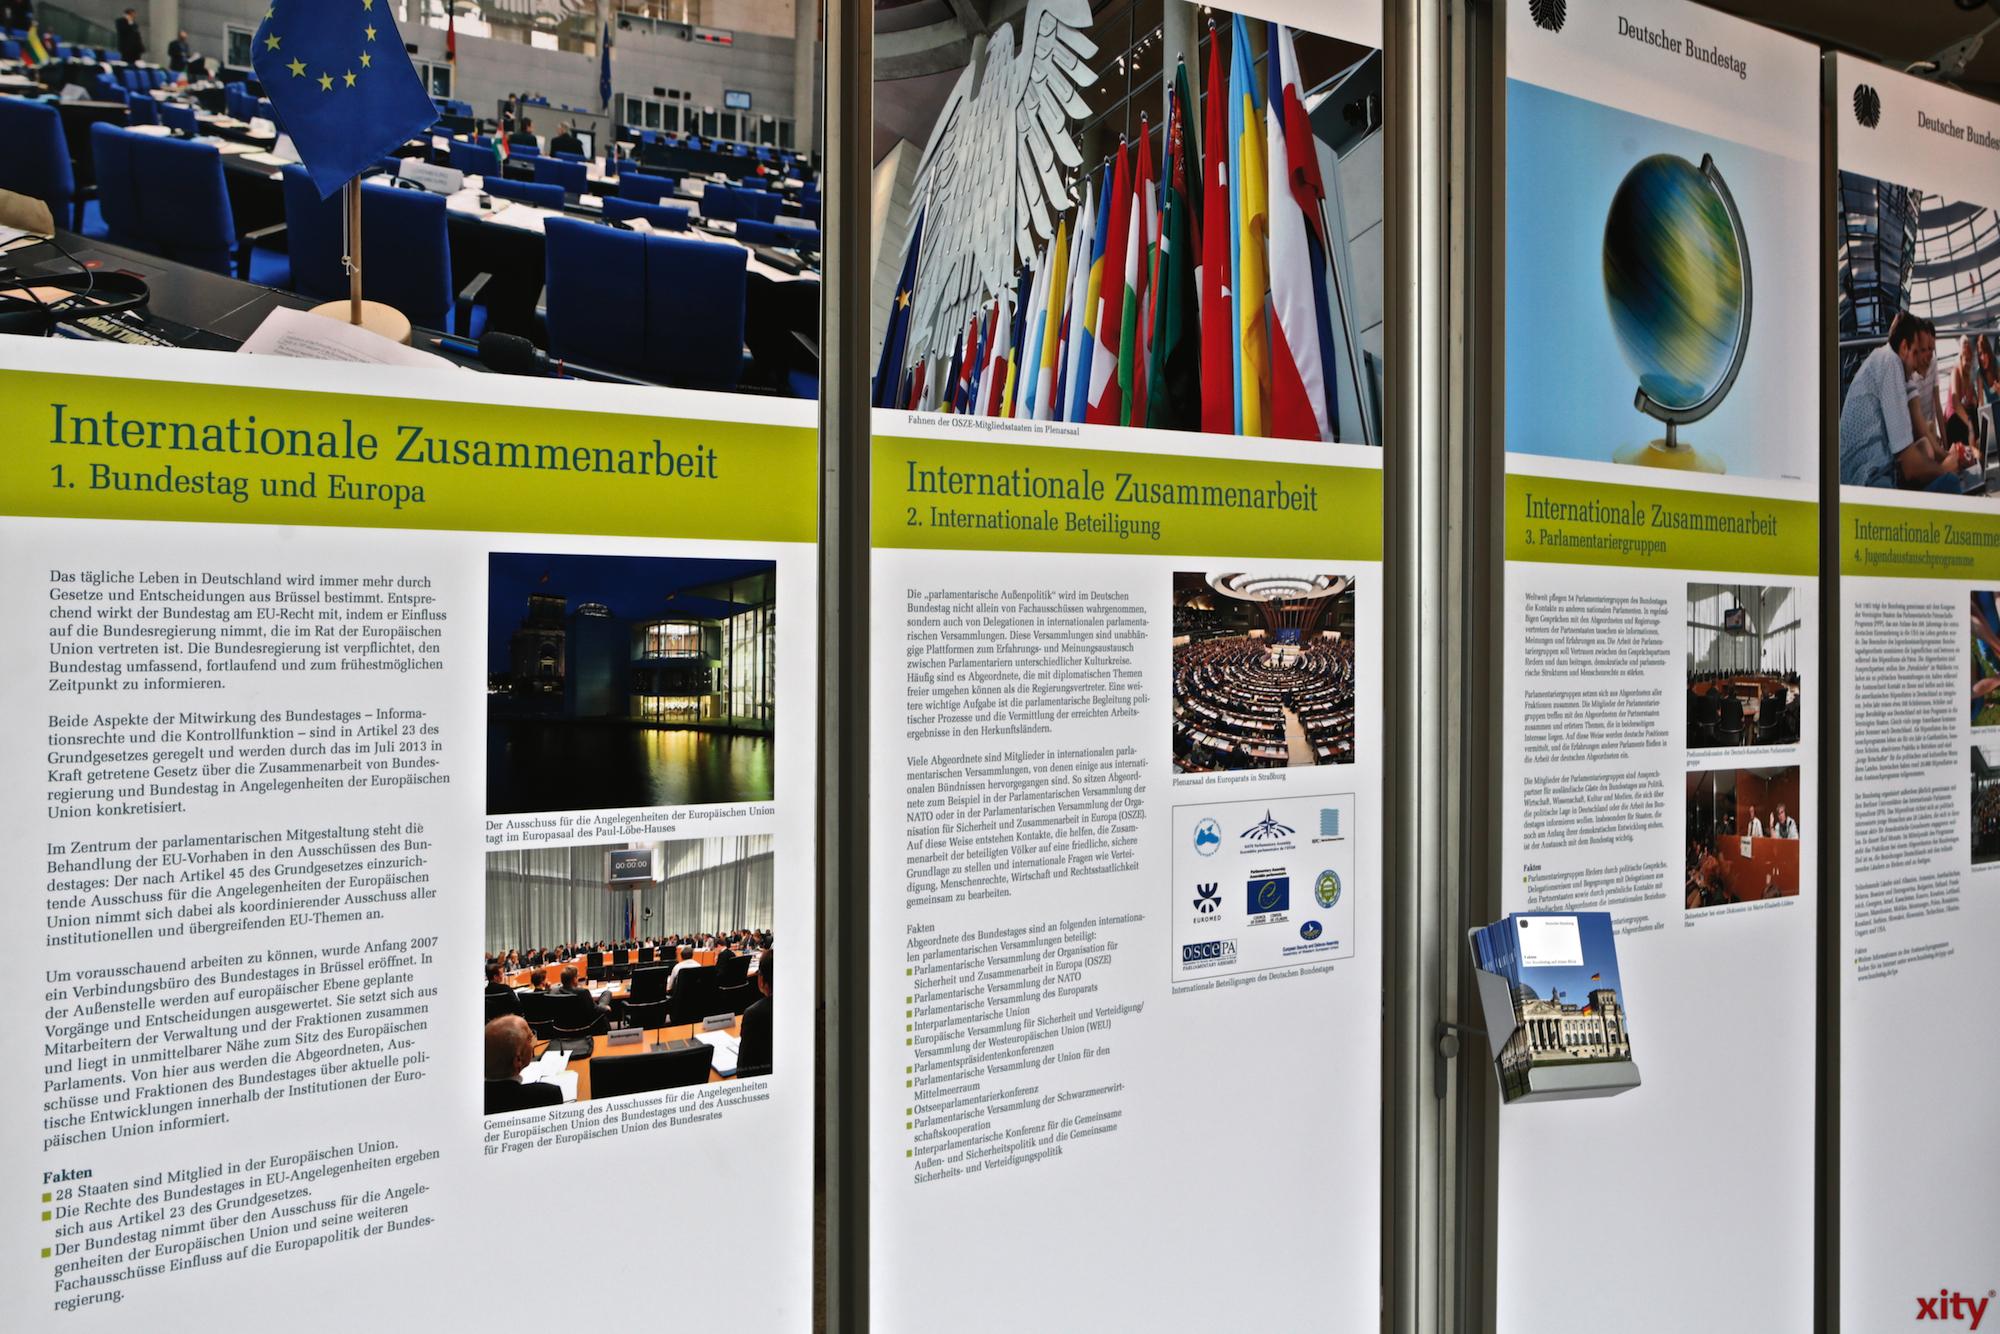 Wanderausstellung des Bundestages (Foto: xity)